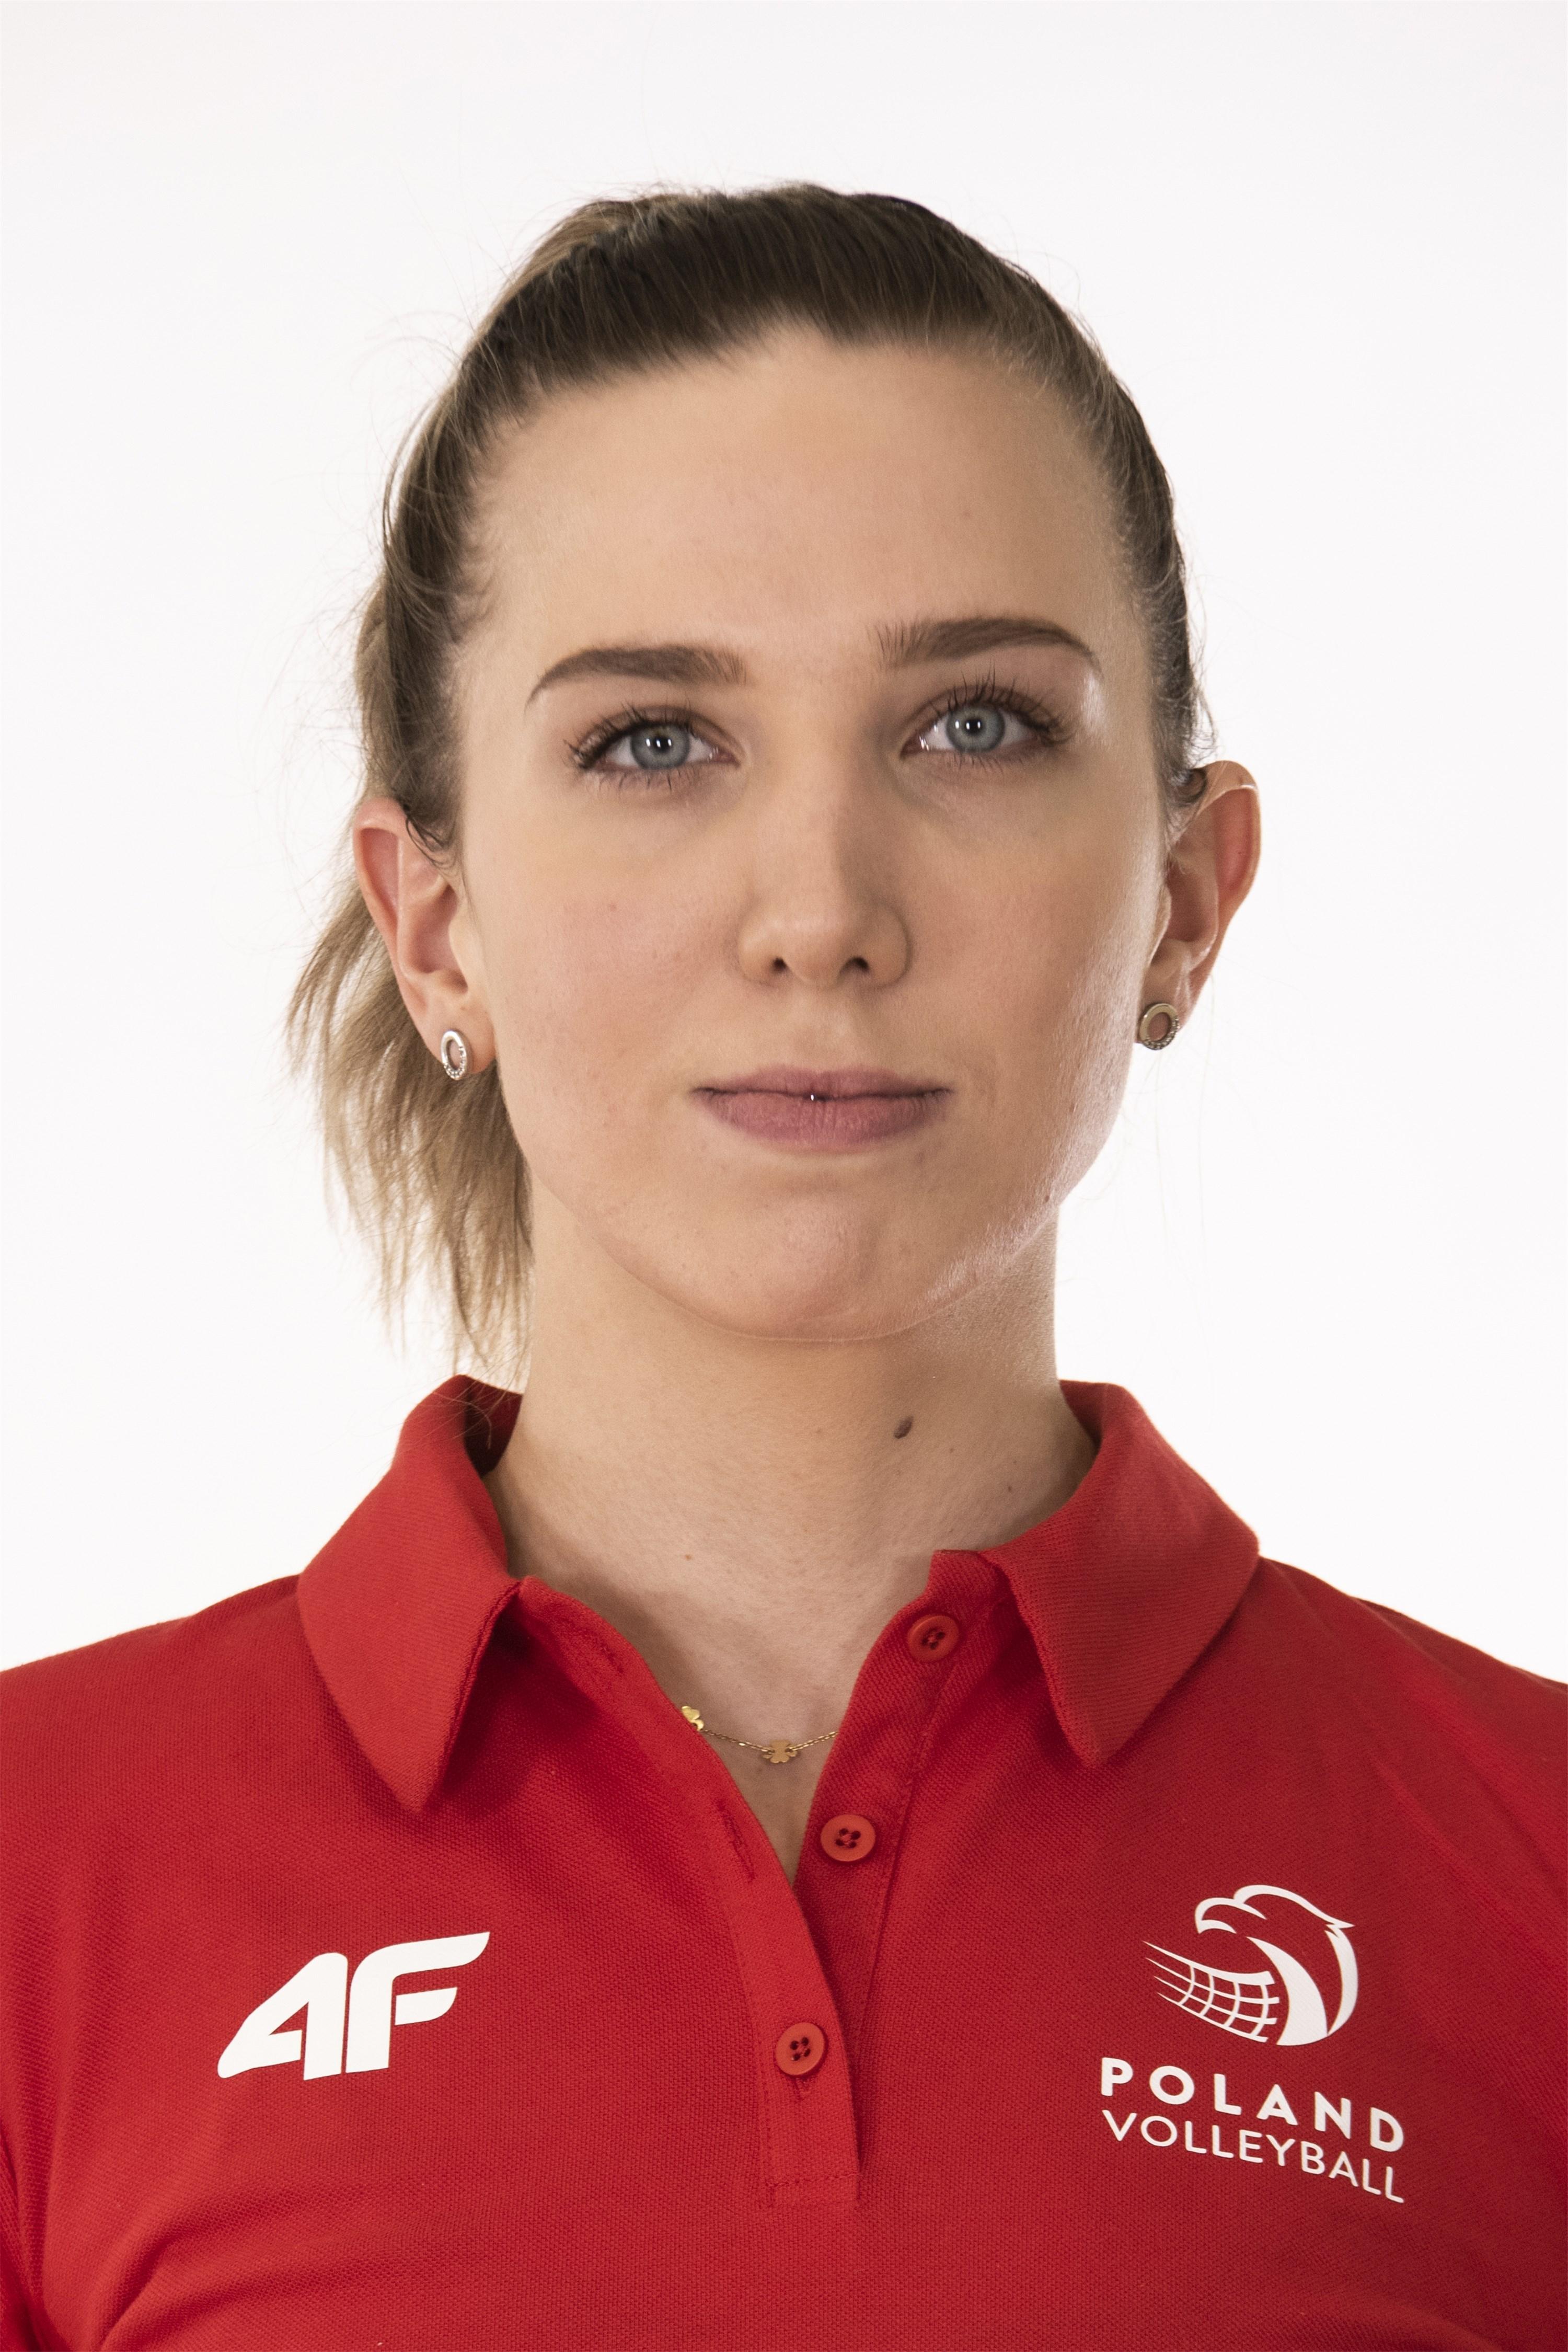 Photo of Agata CEYNOWA